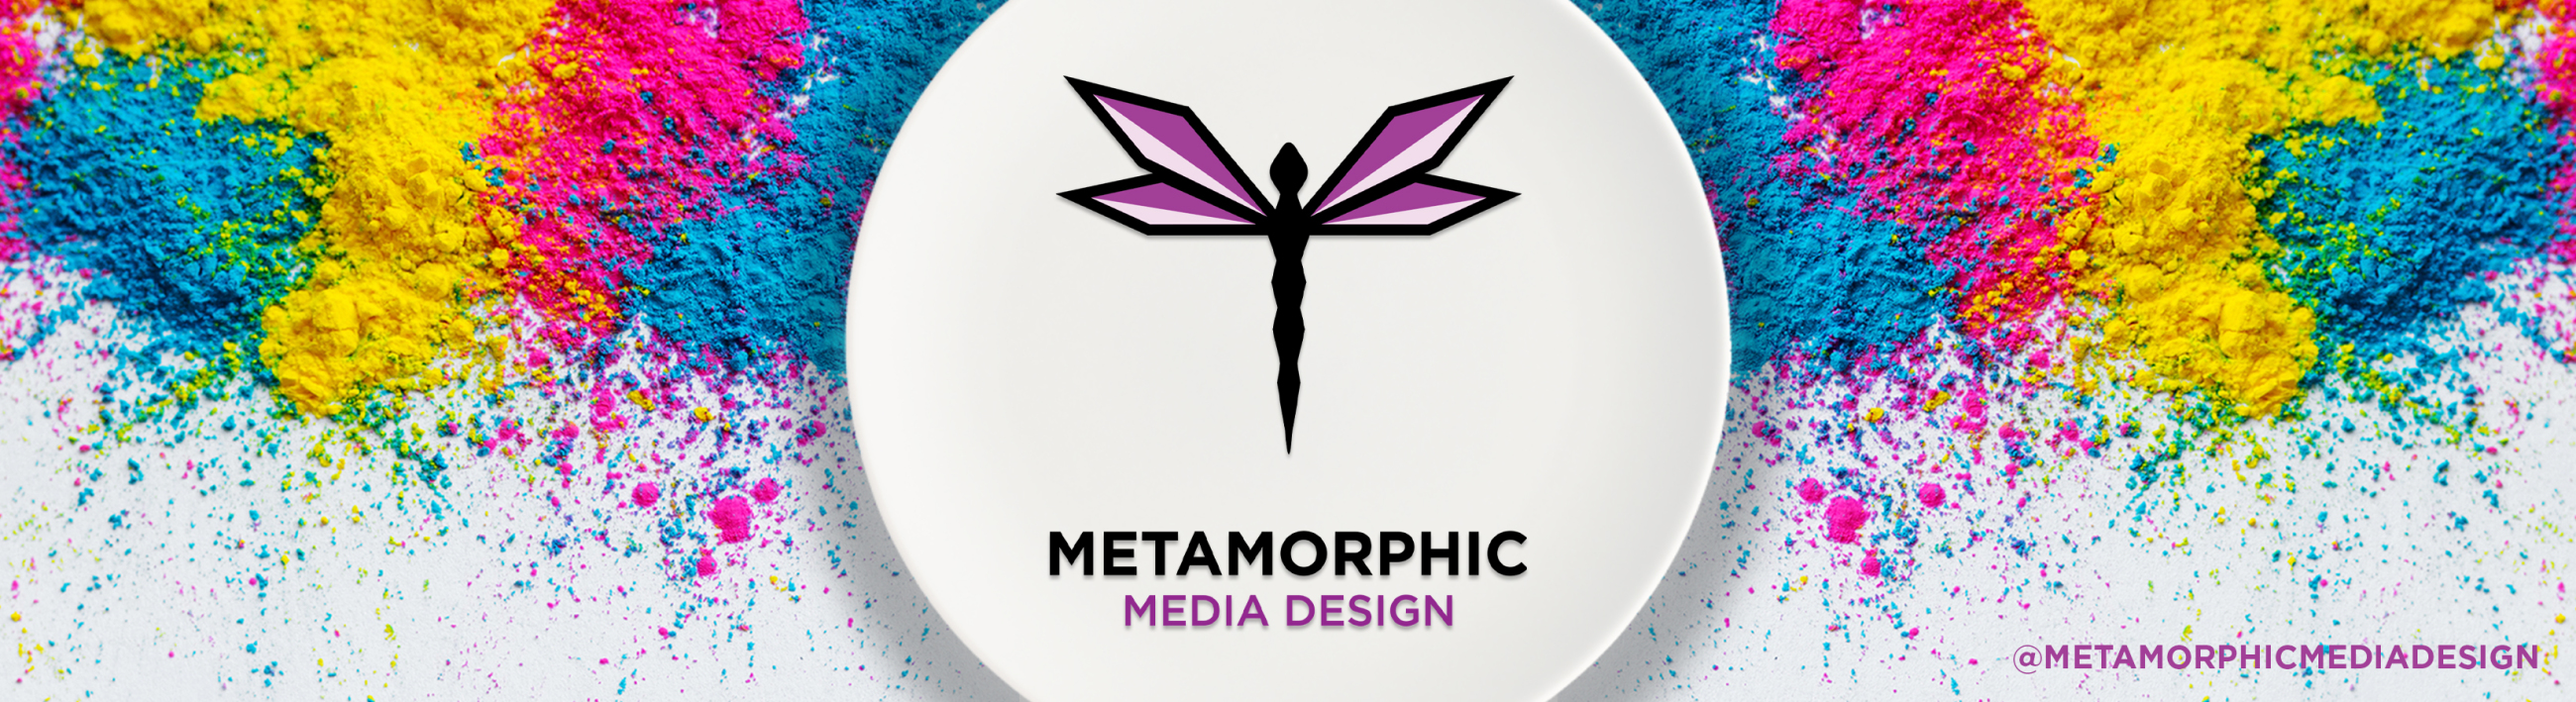 Metamorphic Media Design